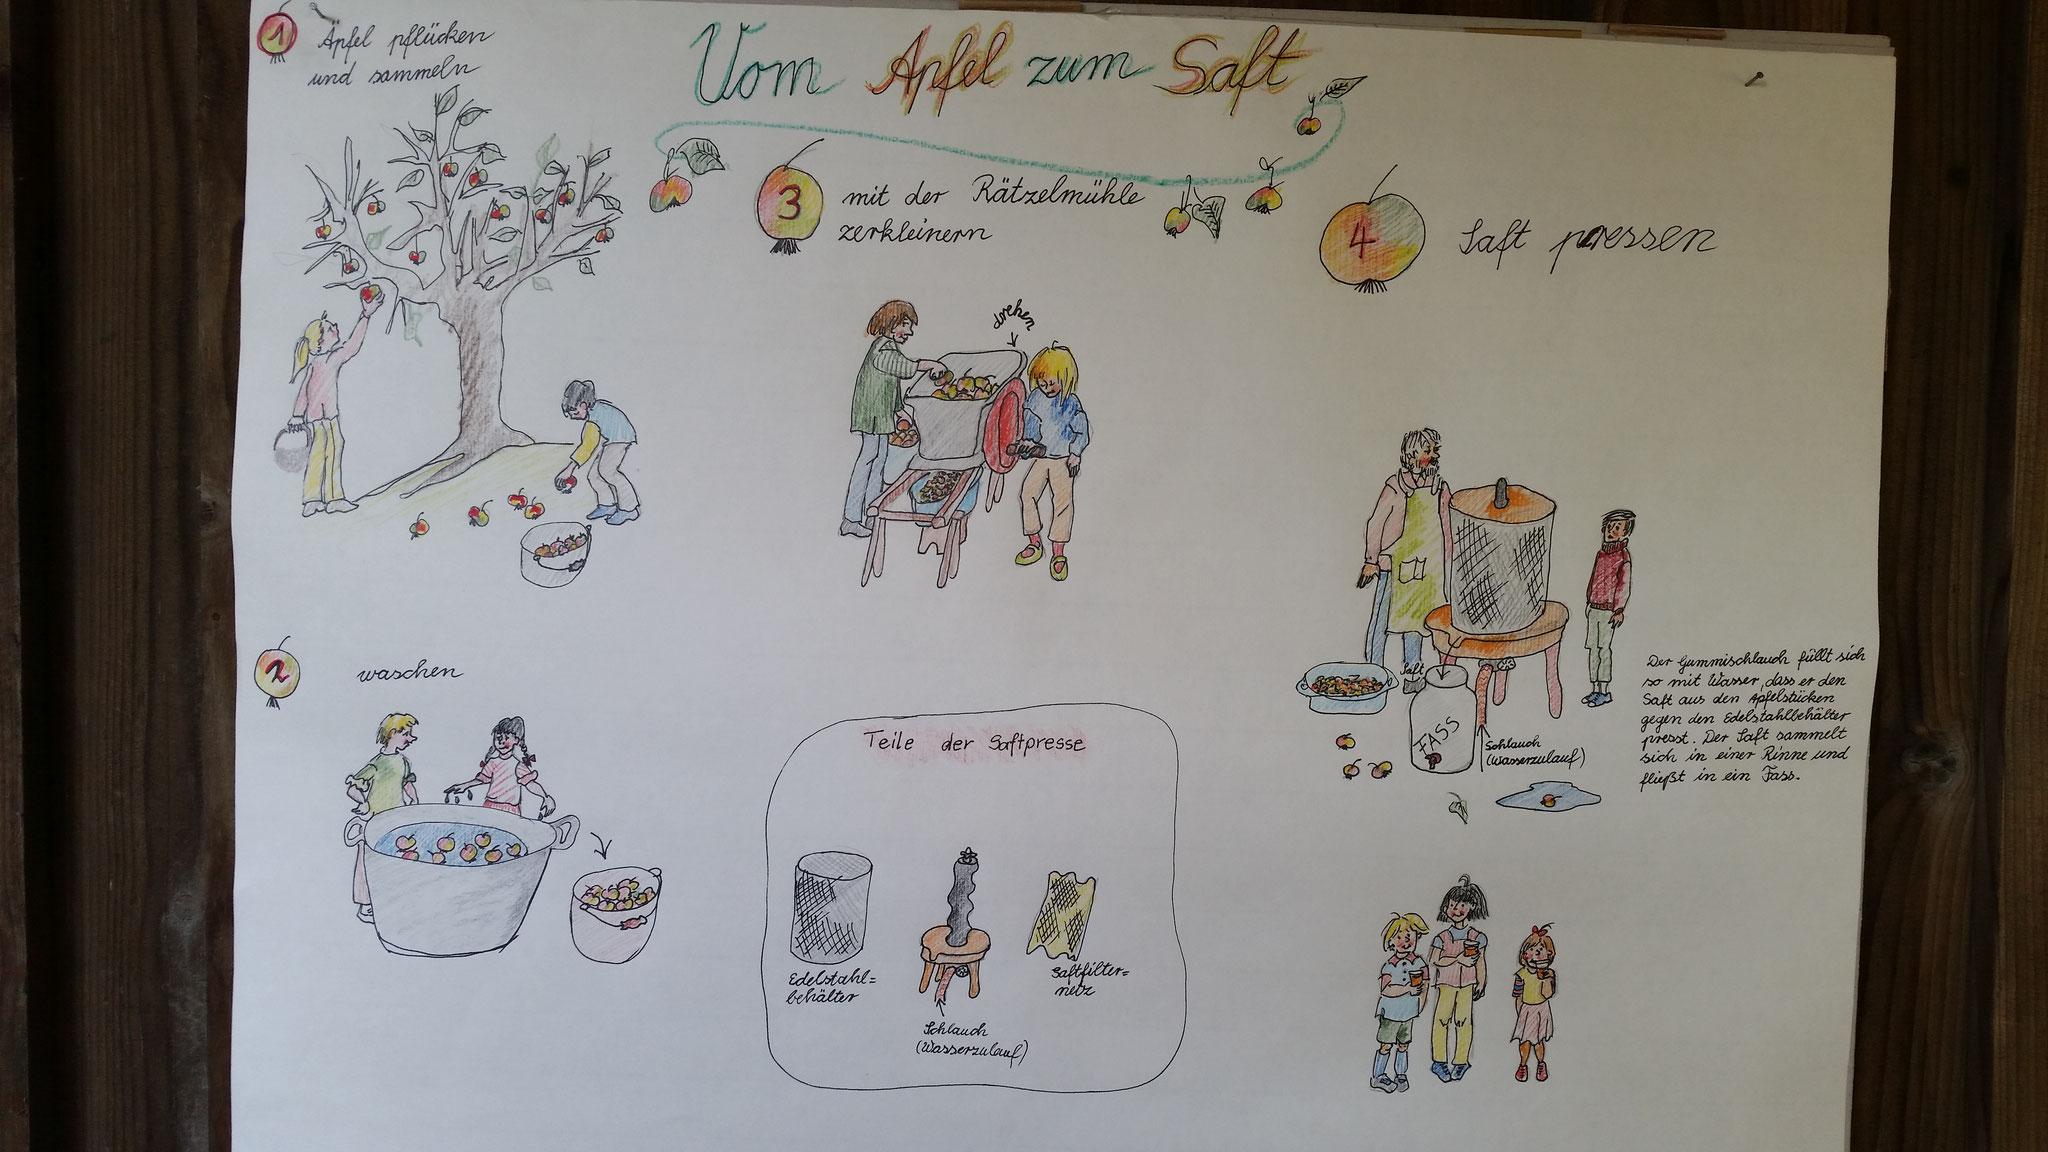 Ein Plakat entwickelt und gemalt von Frau Schmädecker, der Mutter unserer Kollegin.